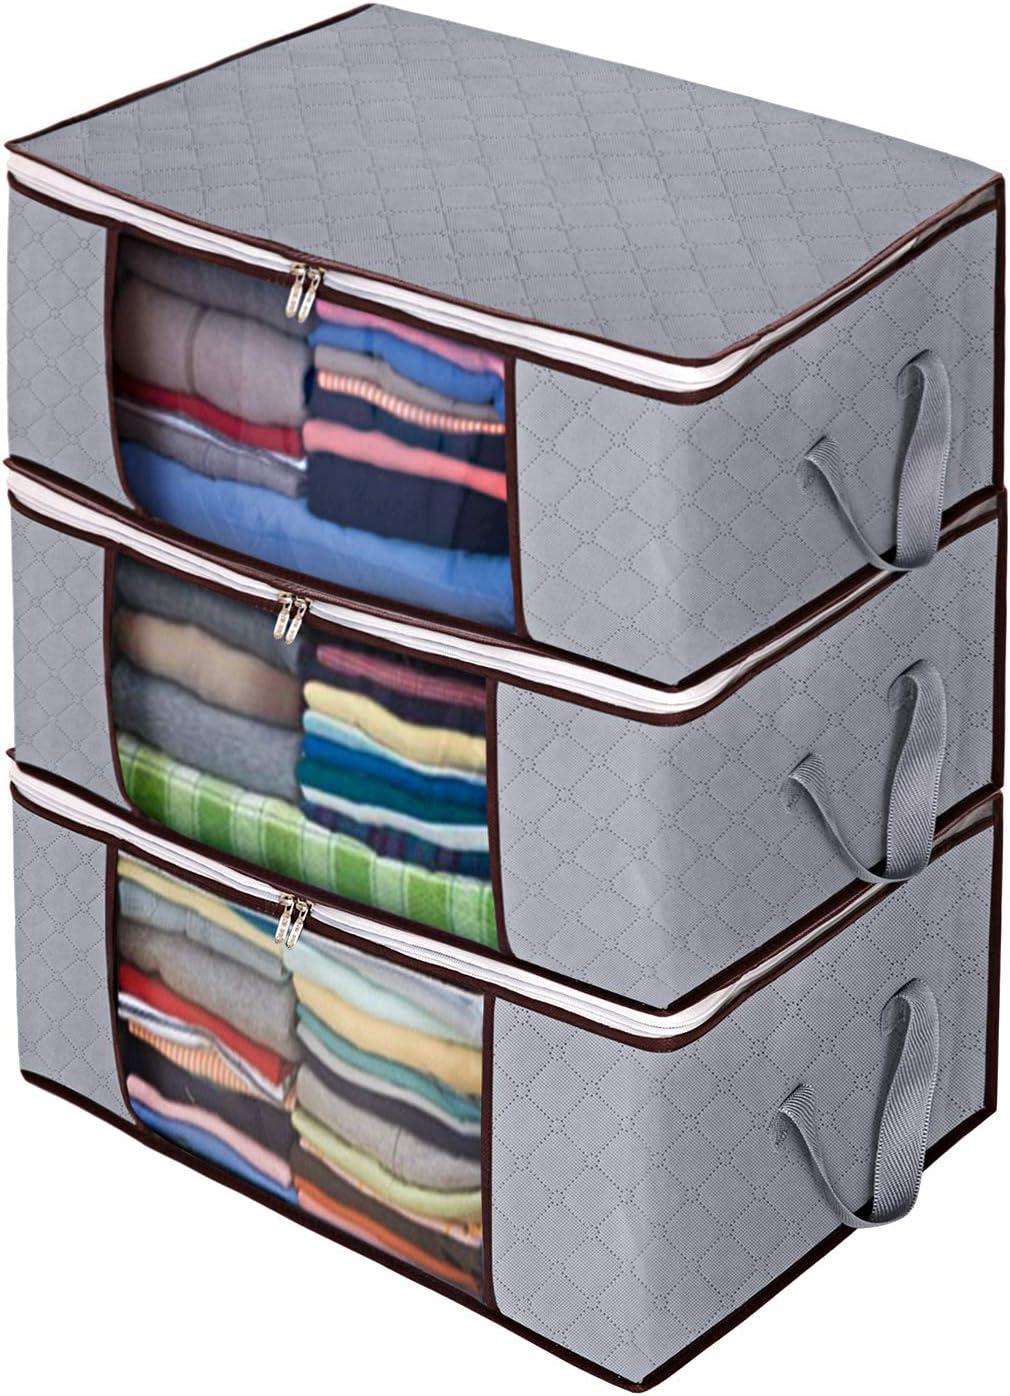 Bolsa Transparente con Bolsa para Colgar Organizador Colgante para Armario EmNarsissus 16 Bolsillos visibles Armario Bolsa de Almacenamiento Transparente Pared Puerta